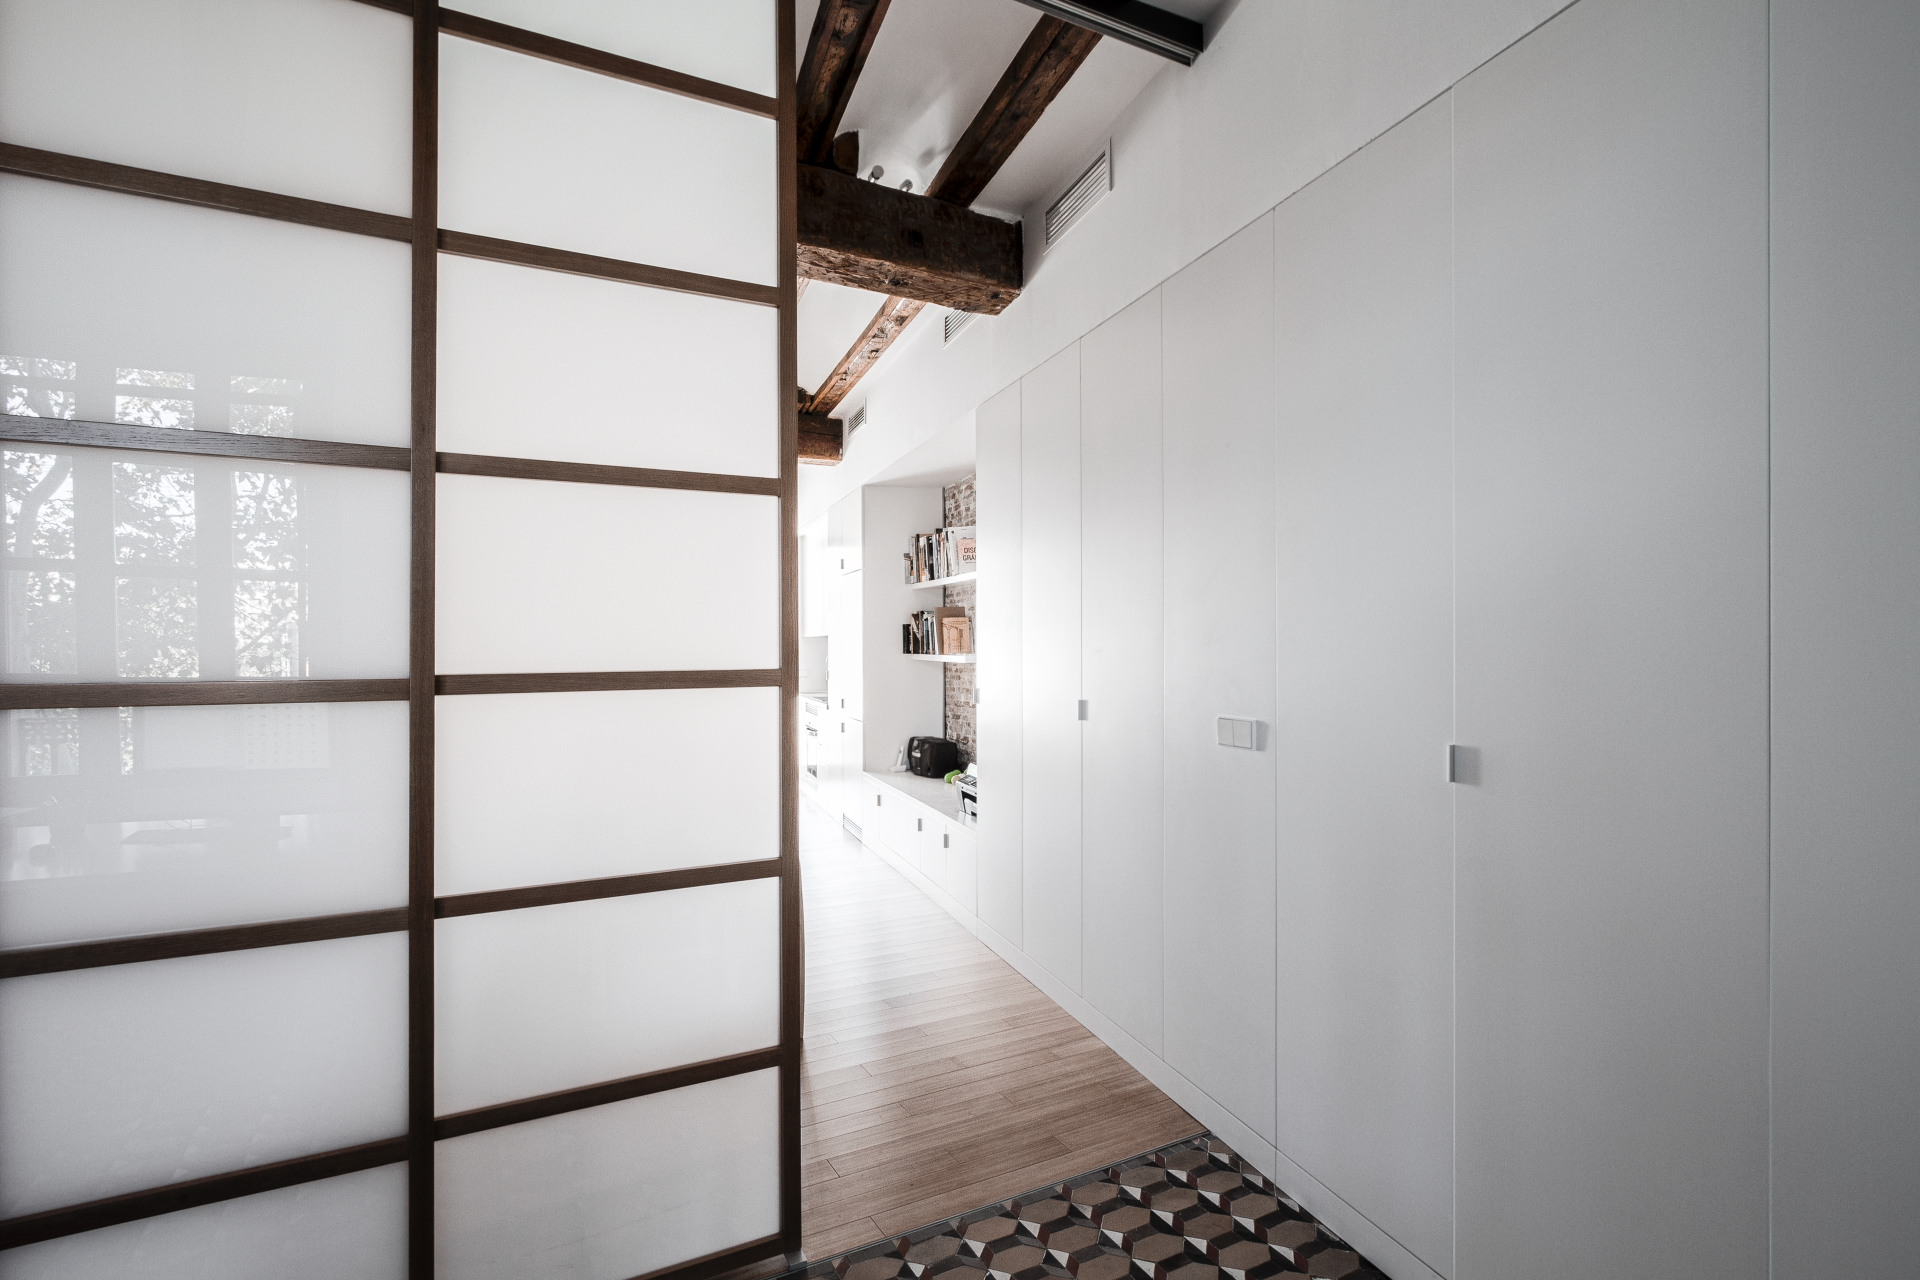 fotografia-arquitectura-valencia-german-cabo-versea-estudio (8)